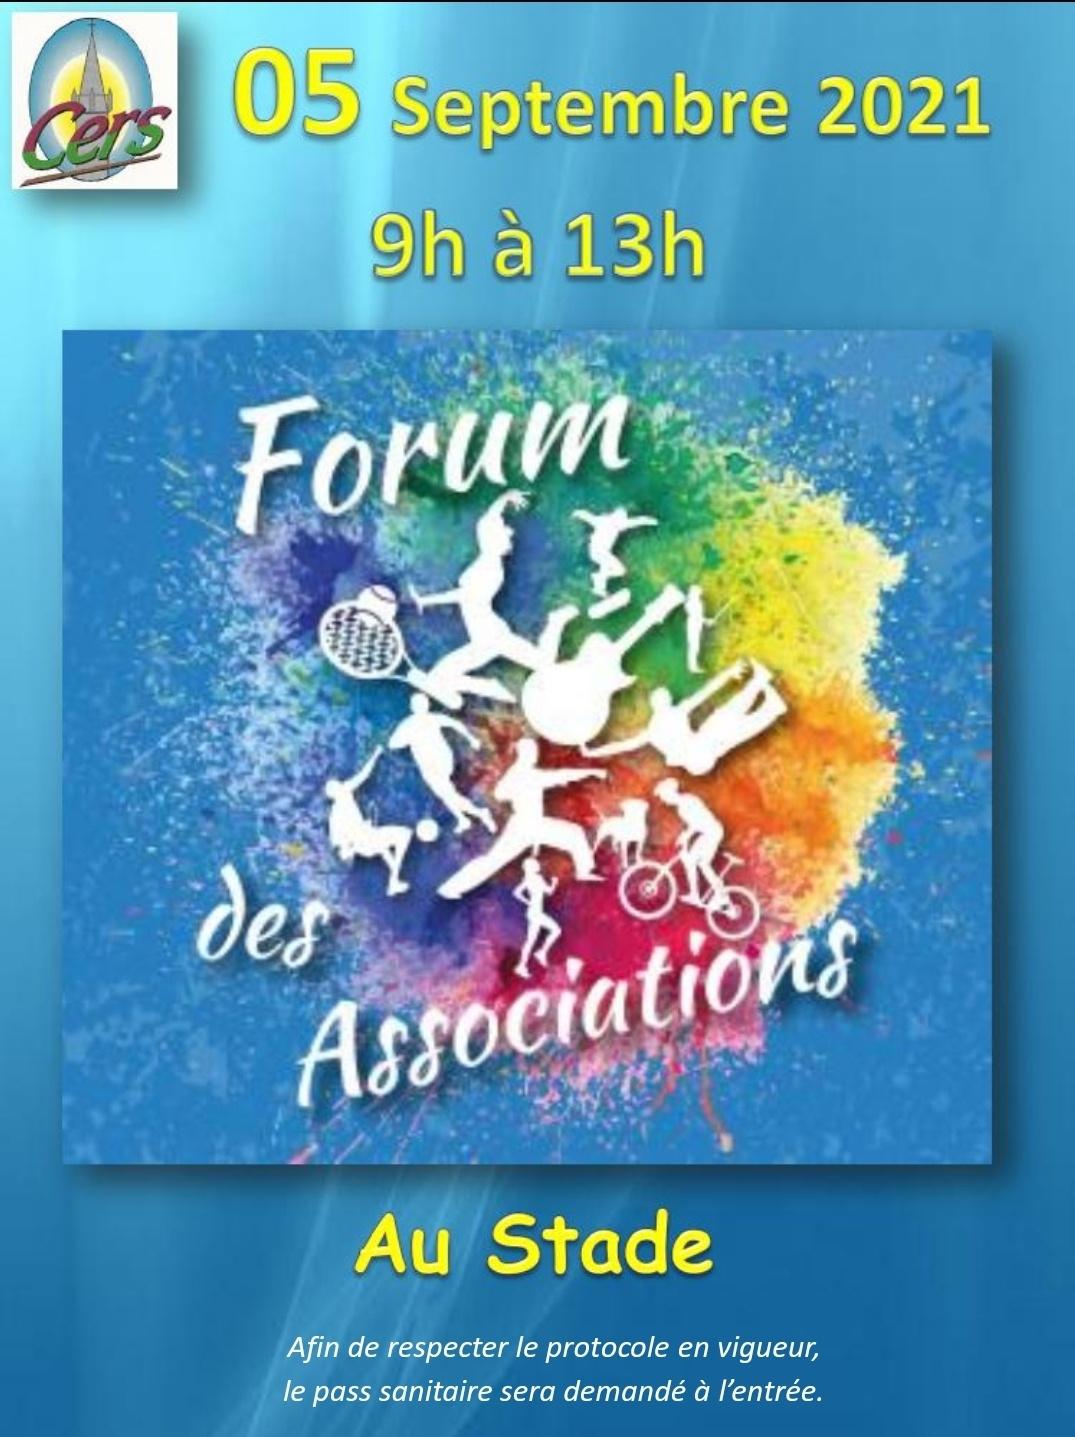 Forum des associations le 5 septembre au stade